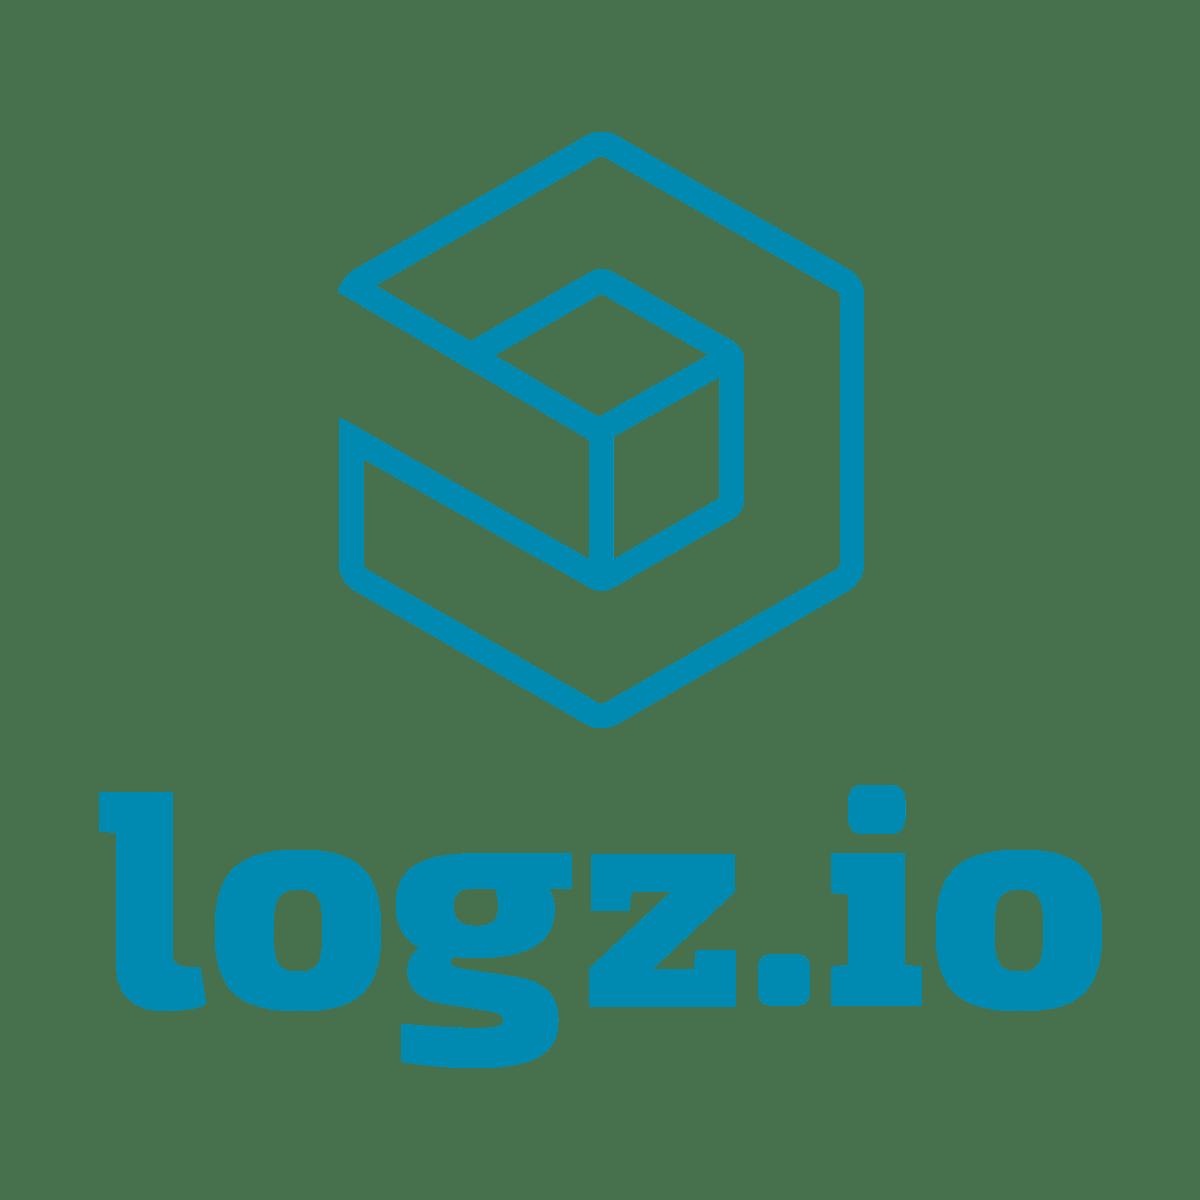 Logz.io icon